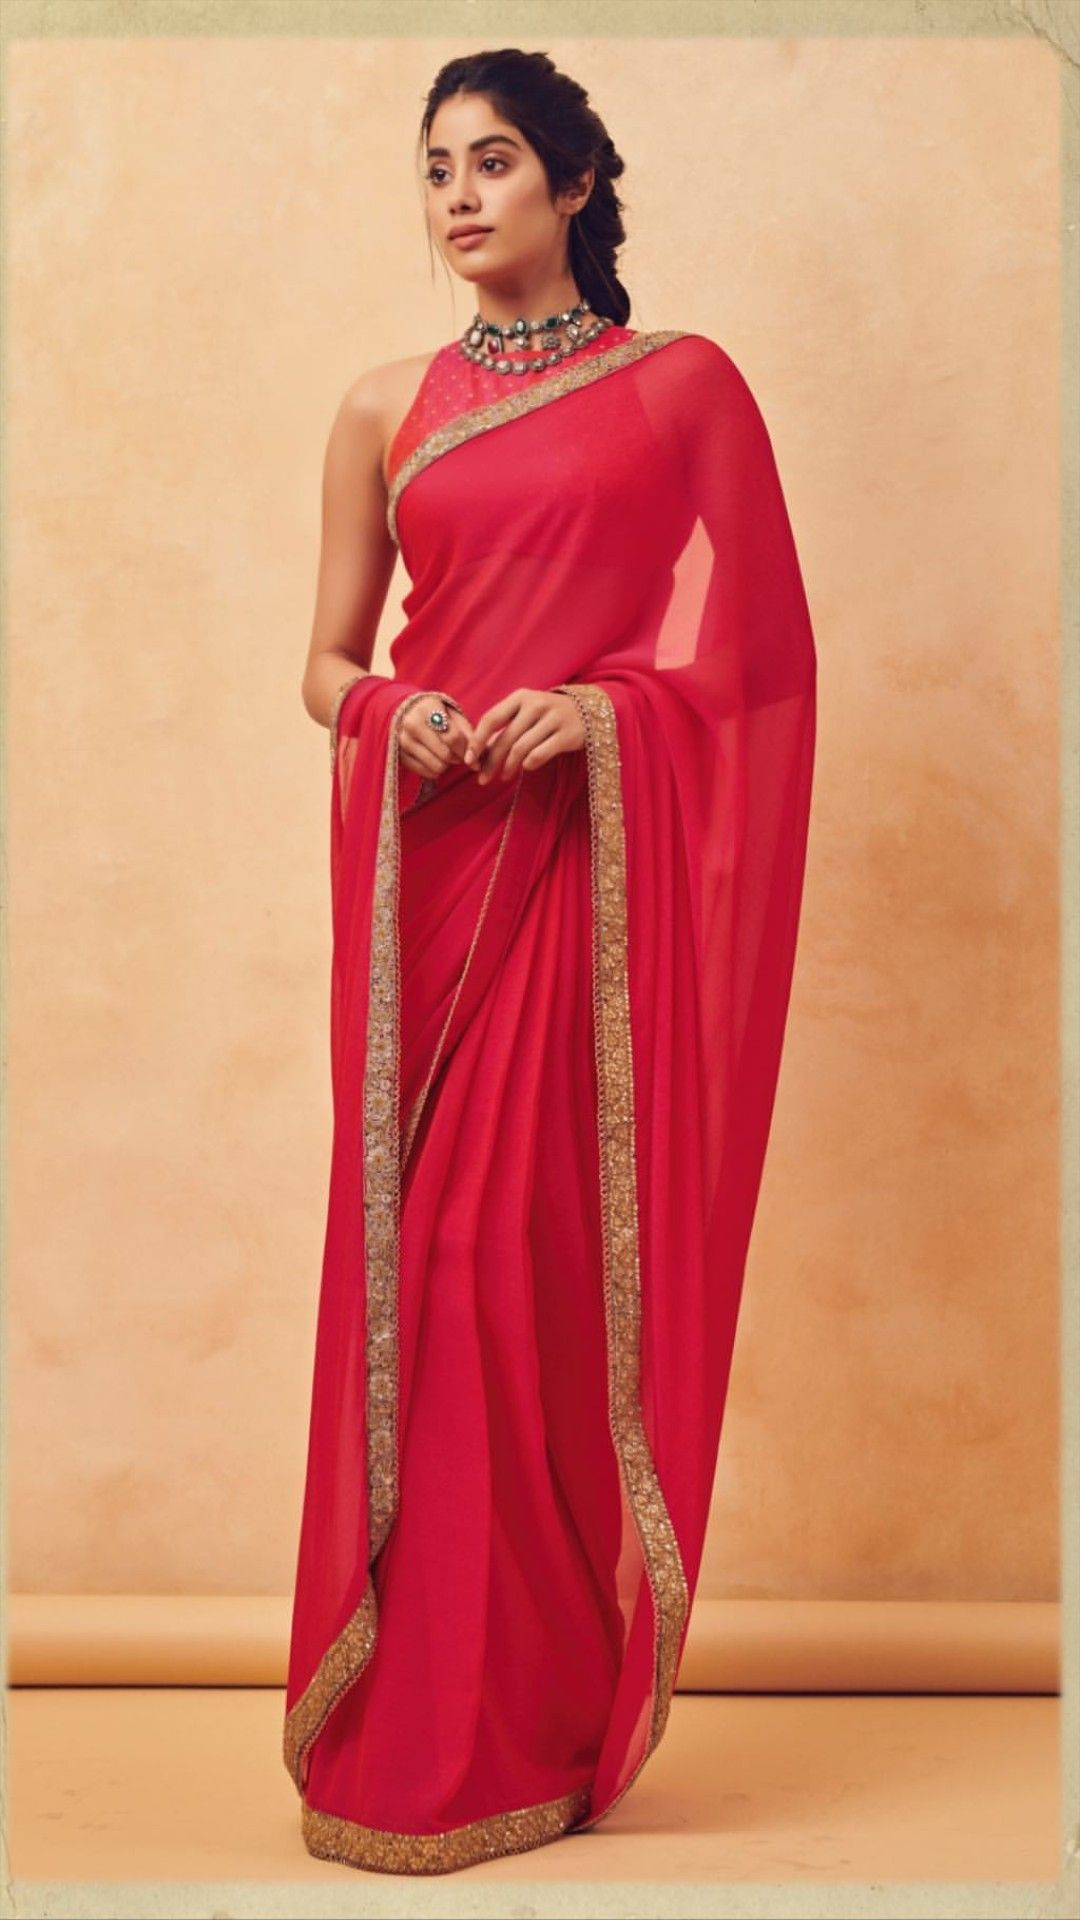 Janvi kapoor amazing pink saree | Stylish sarees, Saree look, Party wear sarees